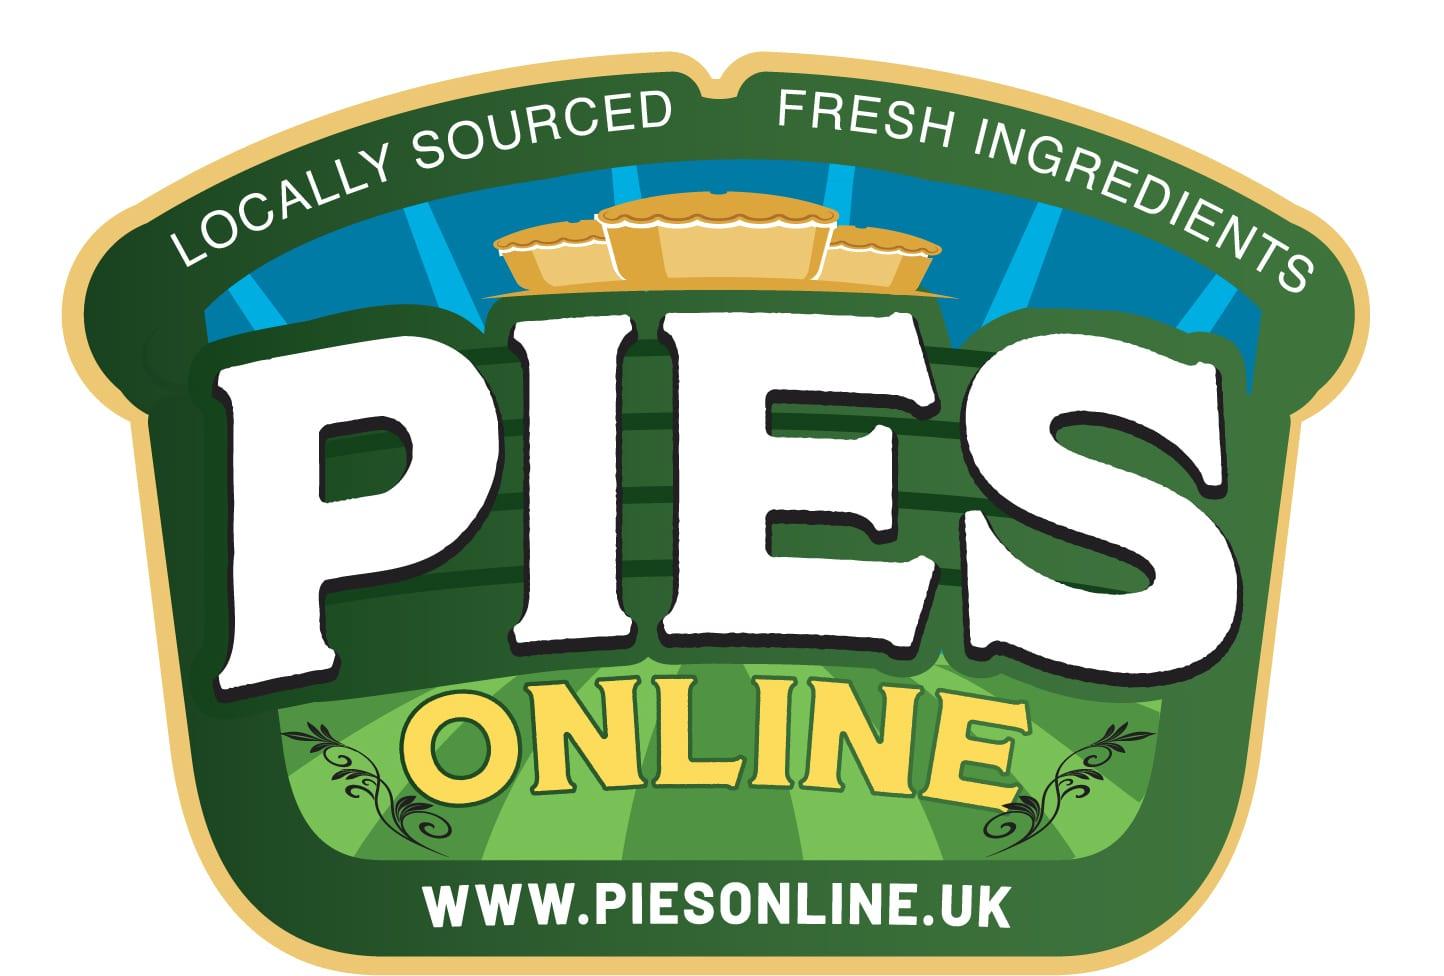 Pies online